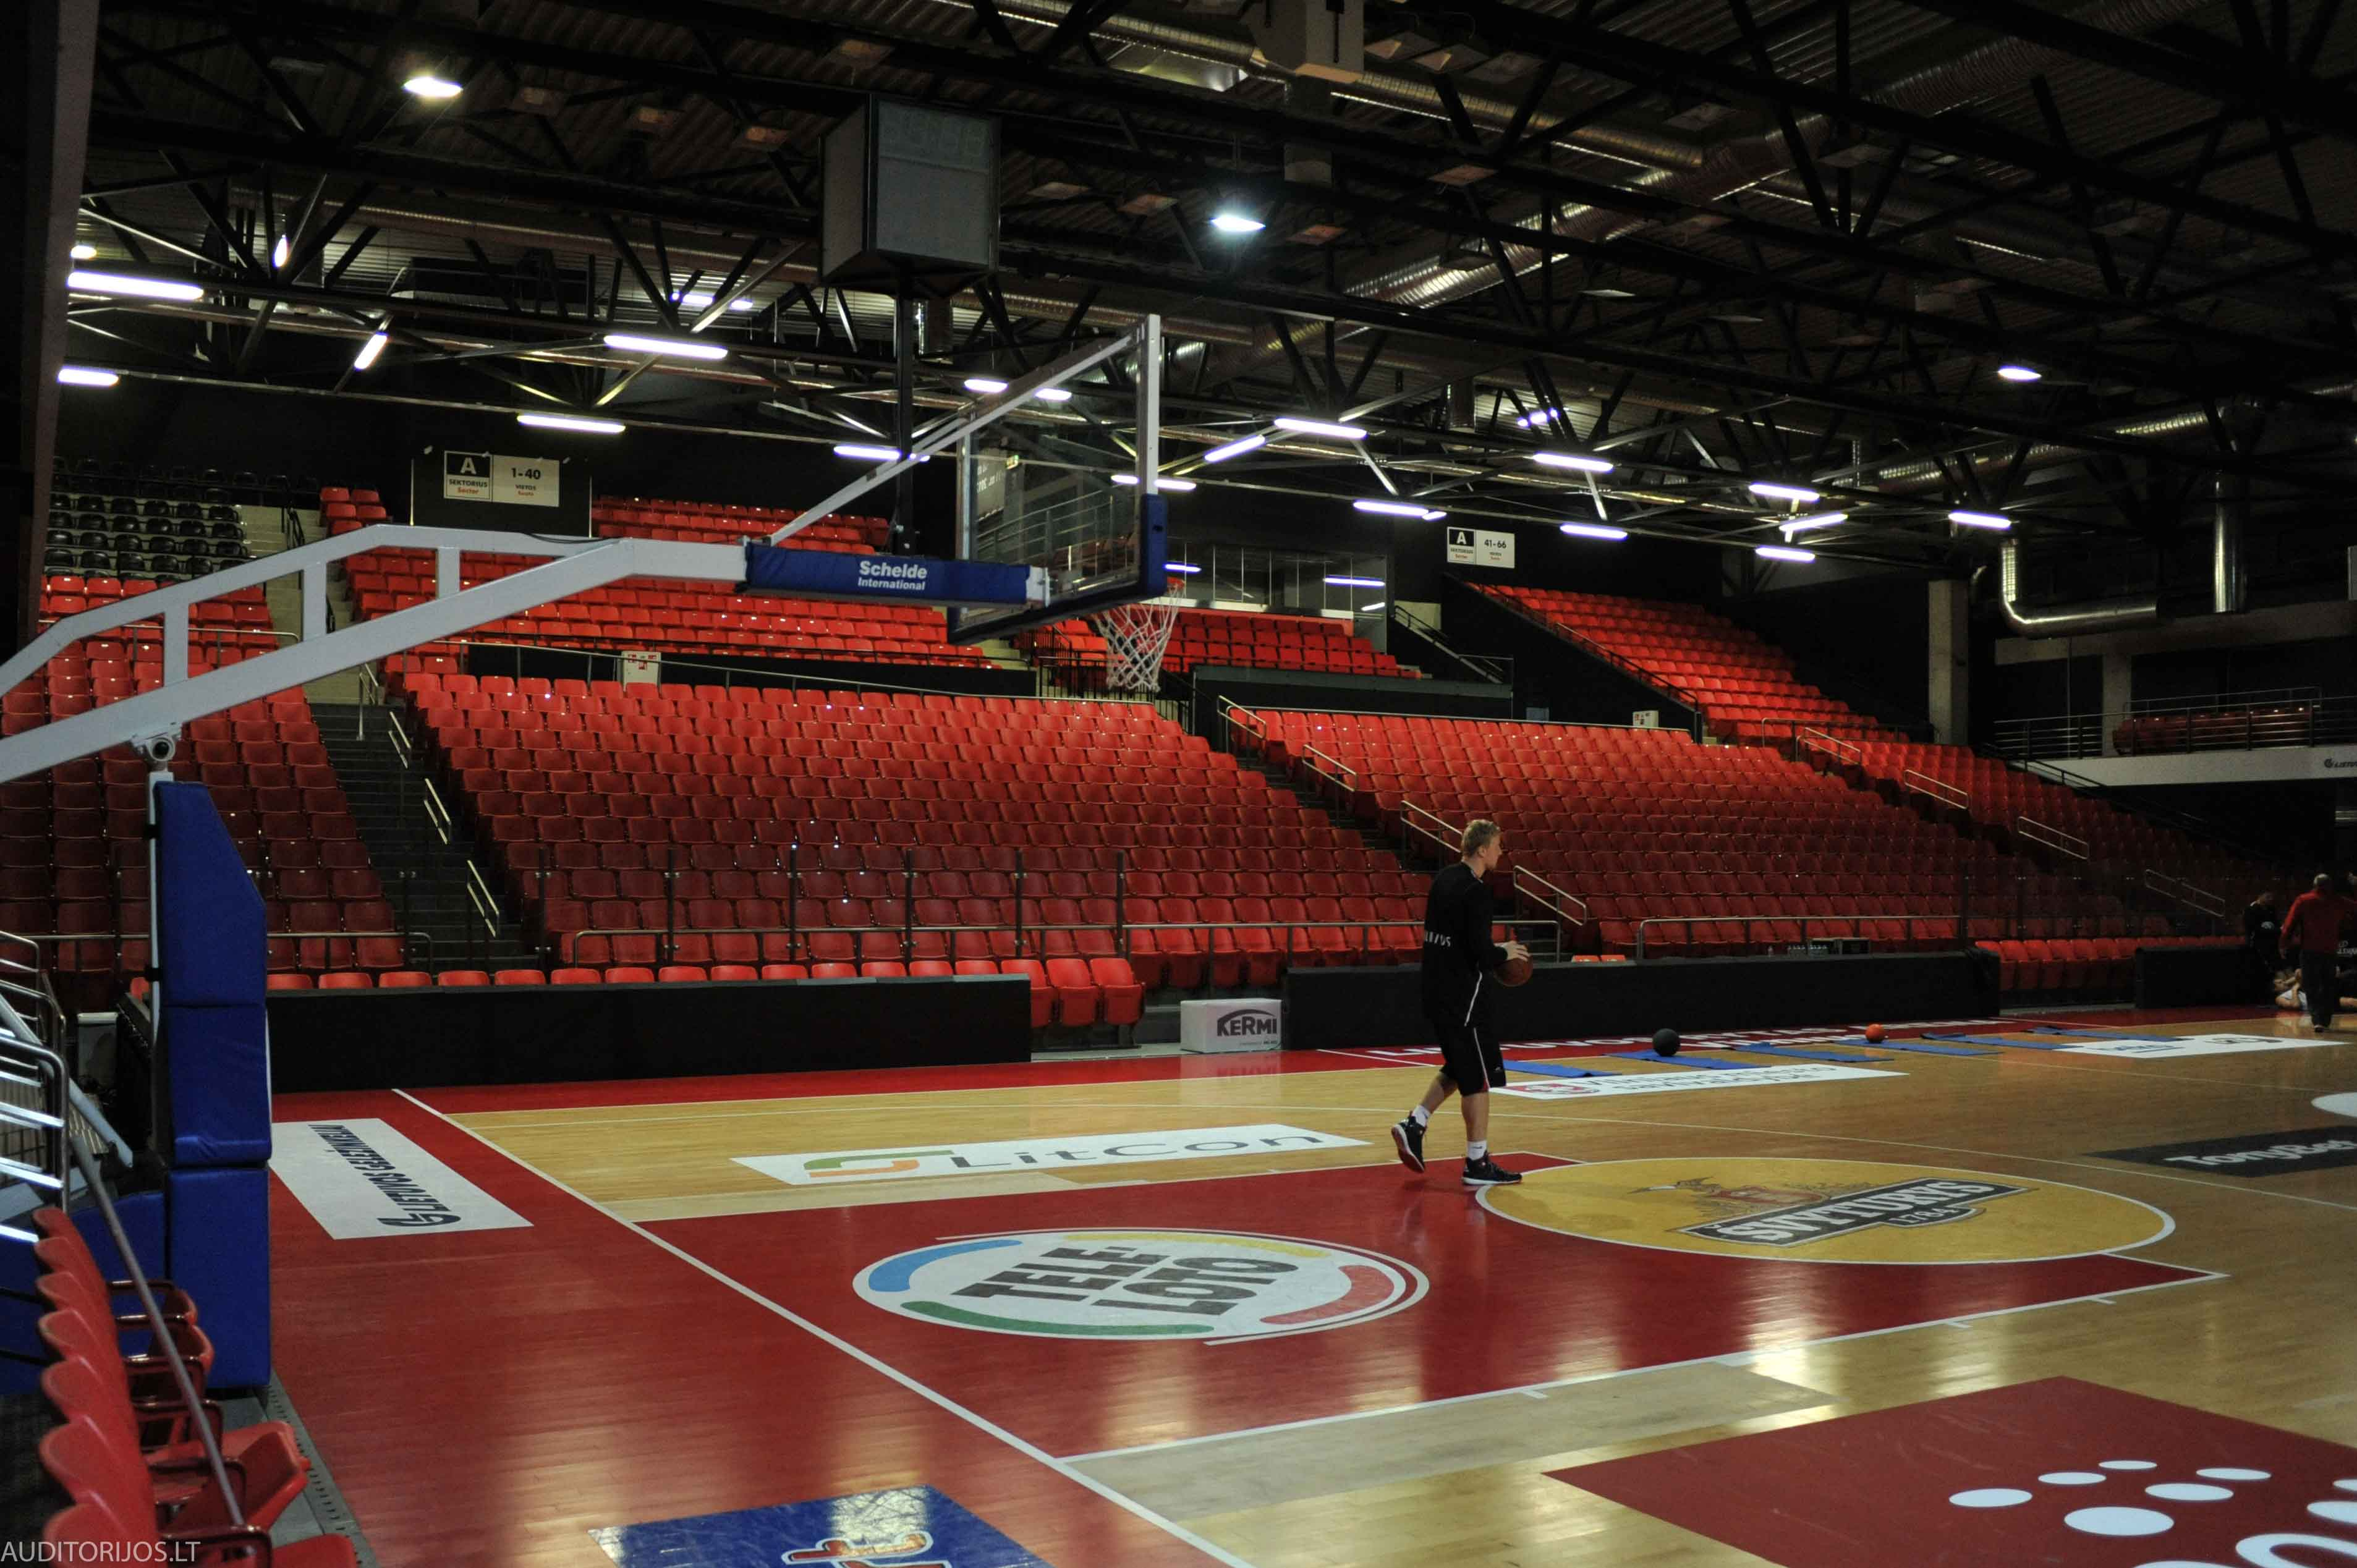 Lietuvos Rytas Arena Seating Vertika DSC_3313